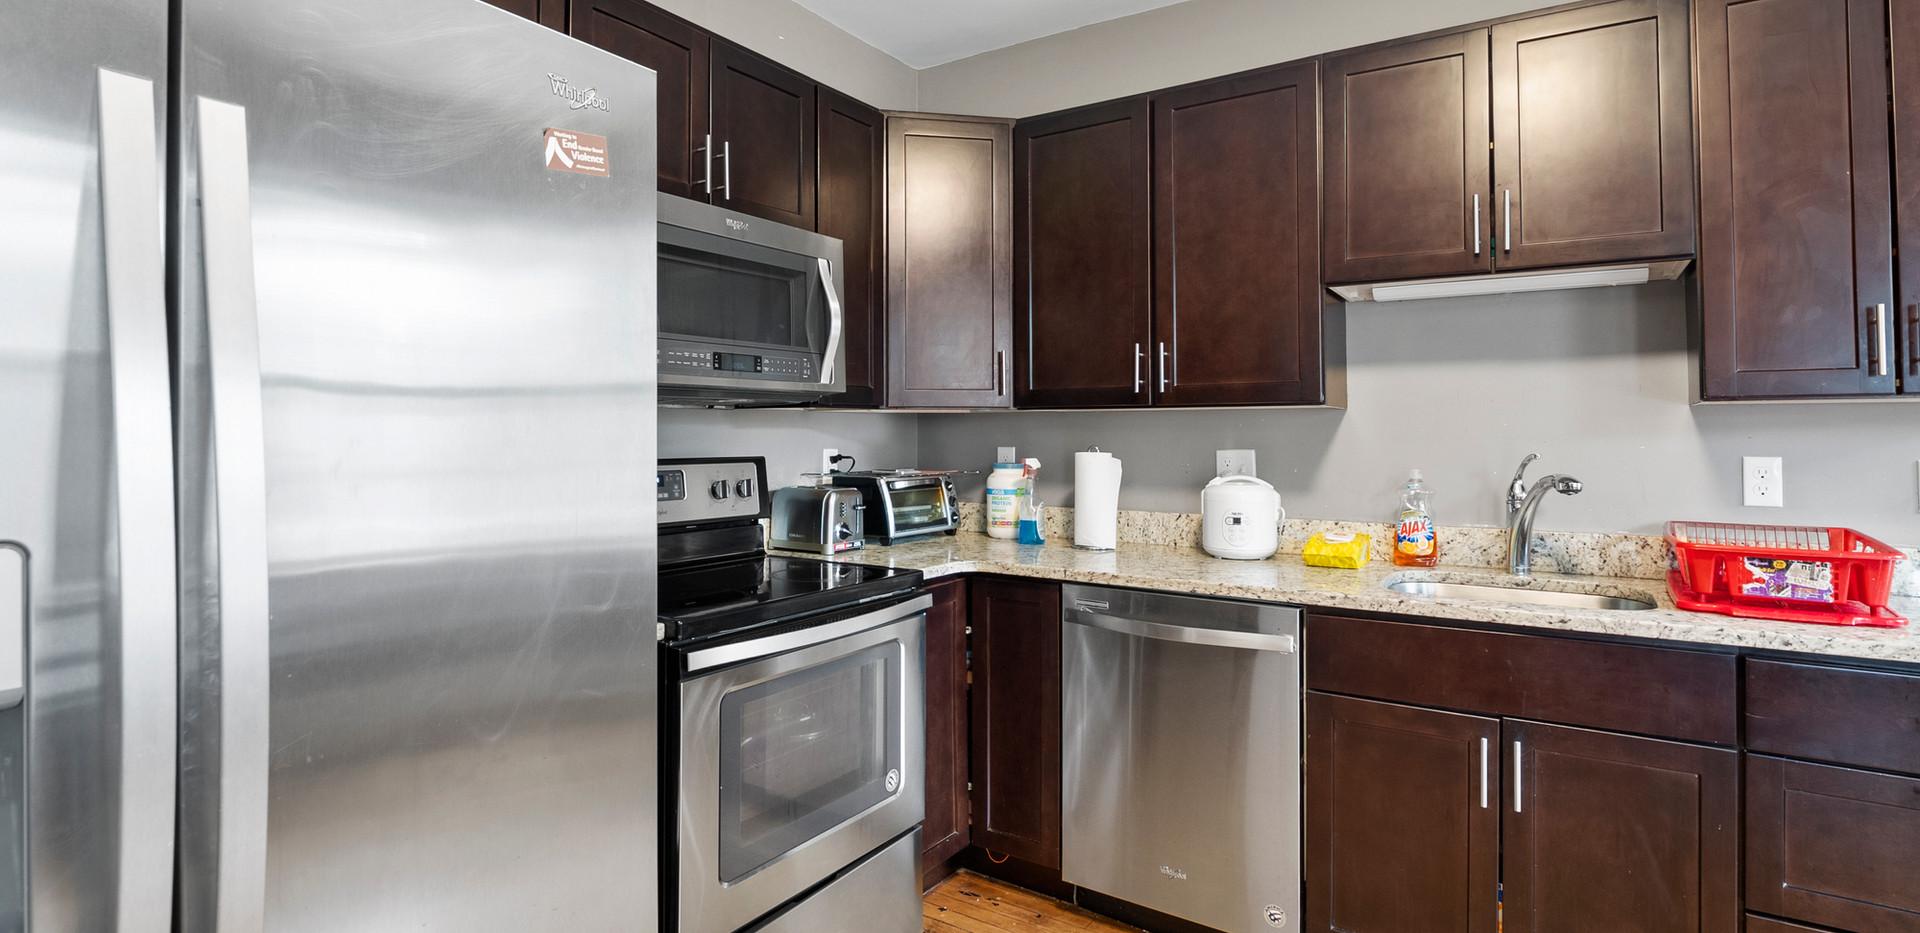 139_Adams_Kitchen_Photo2.jpg